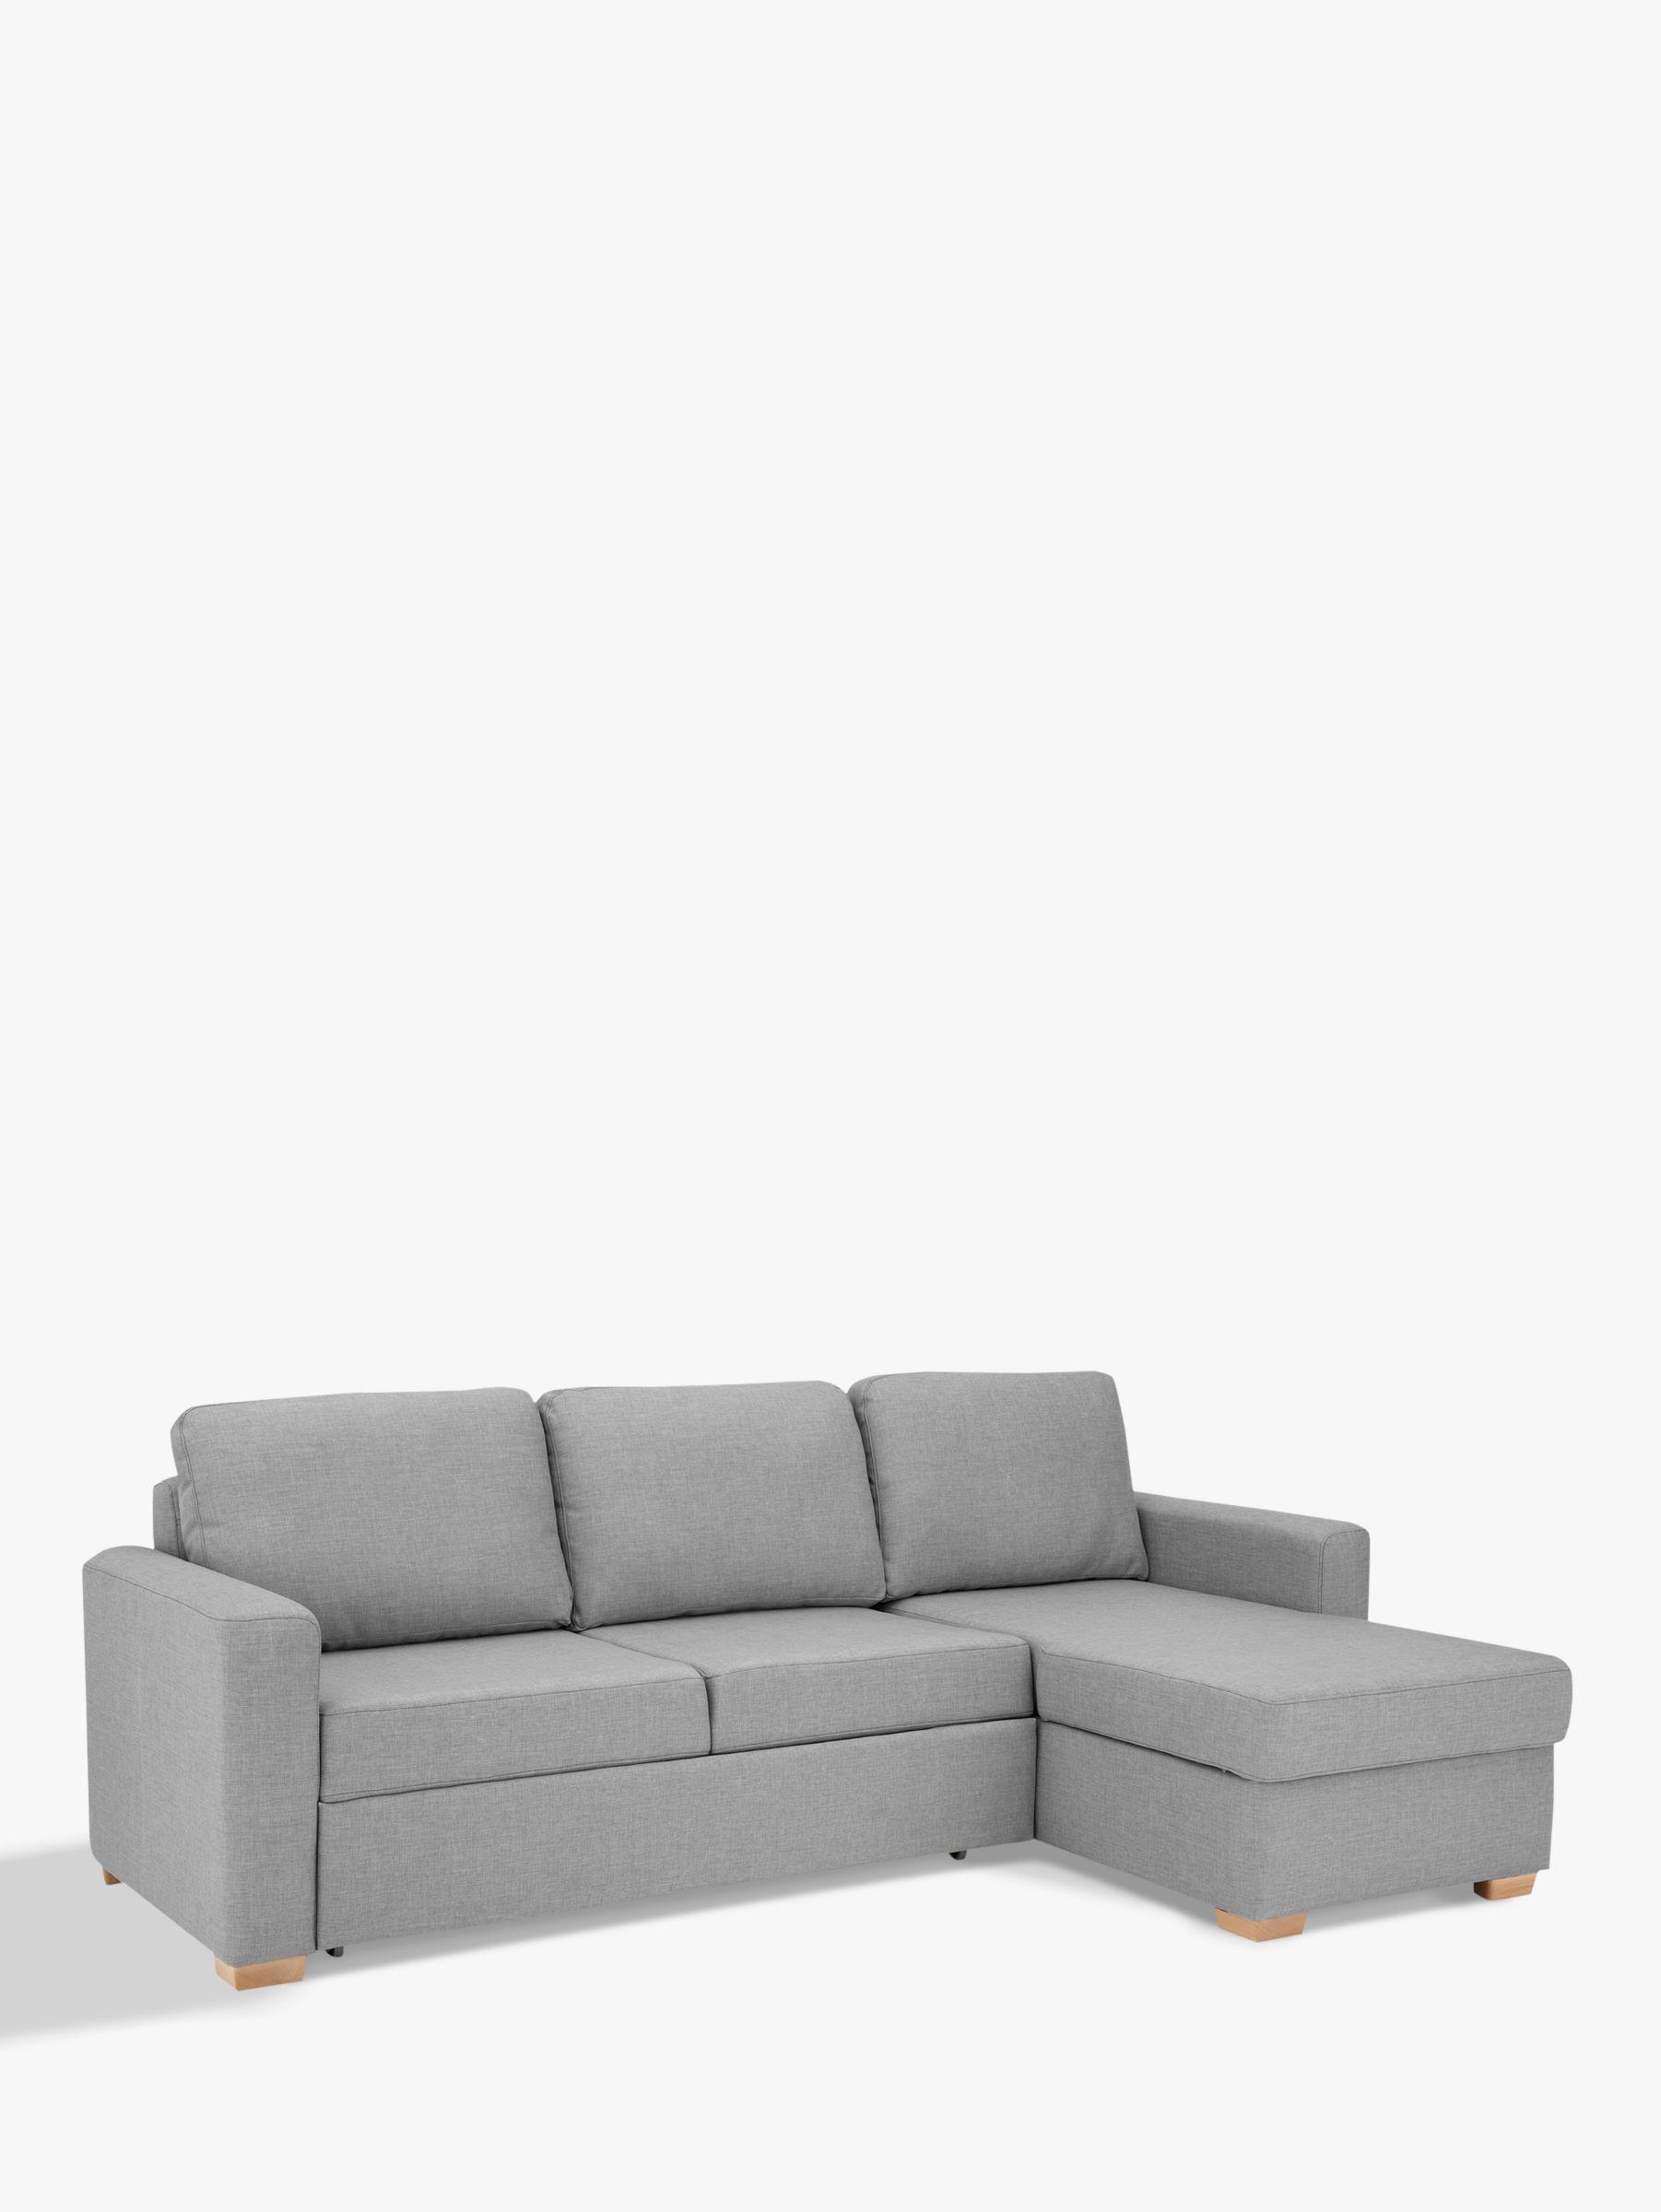 Buy John Lewis Sacha Large Sofa Bed John Lewis